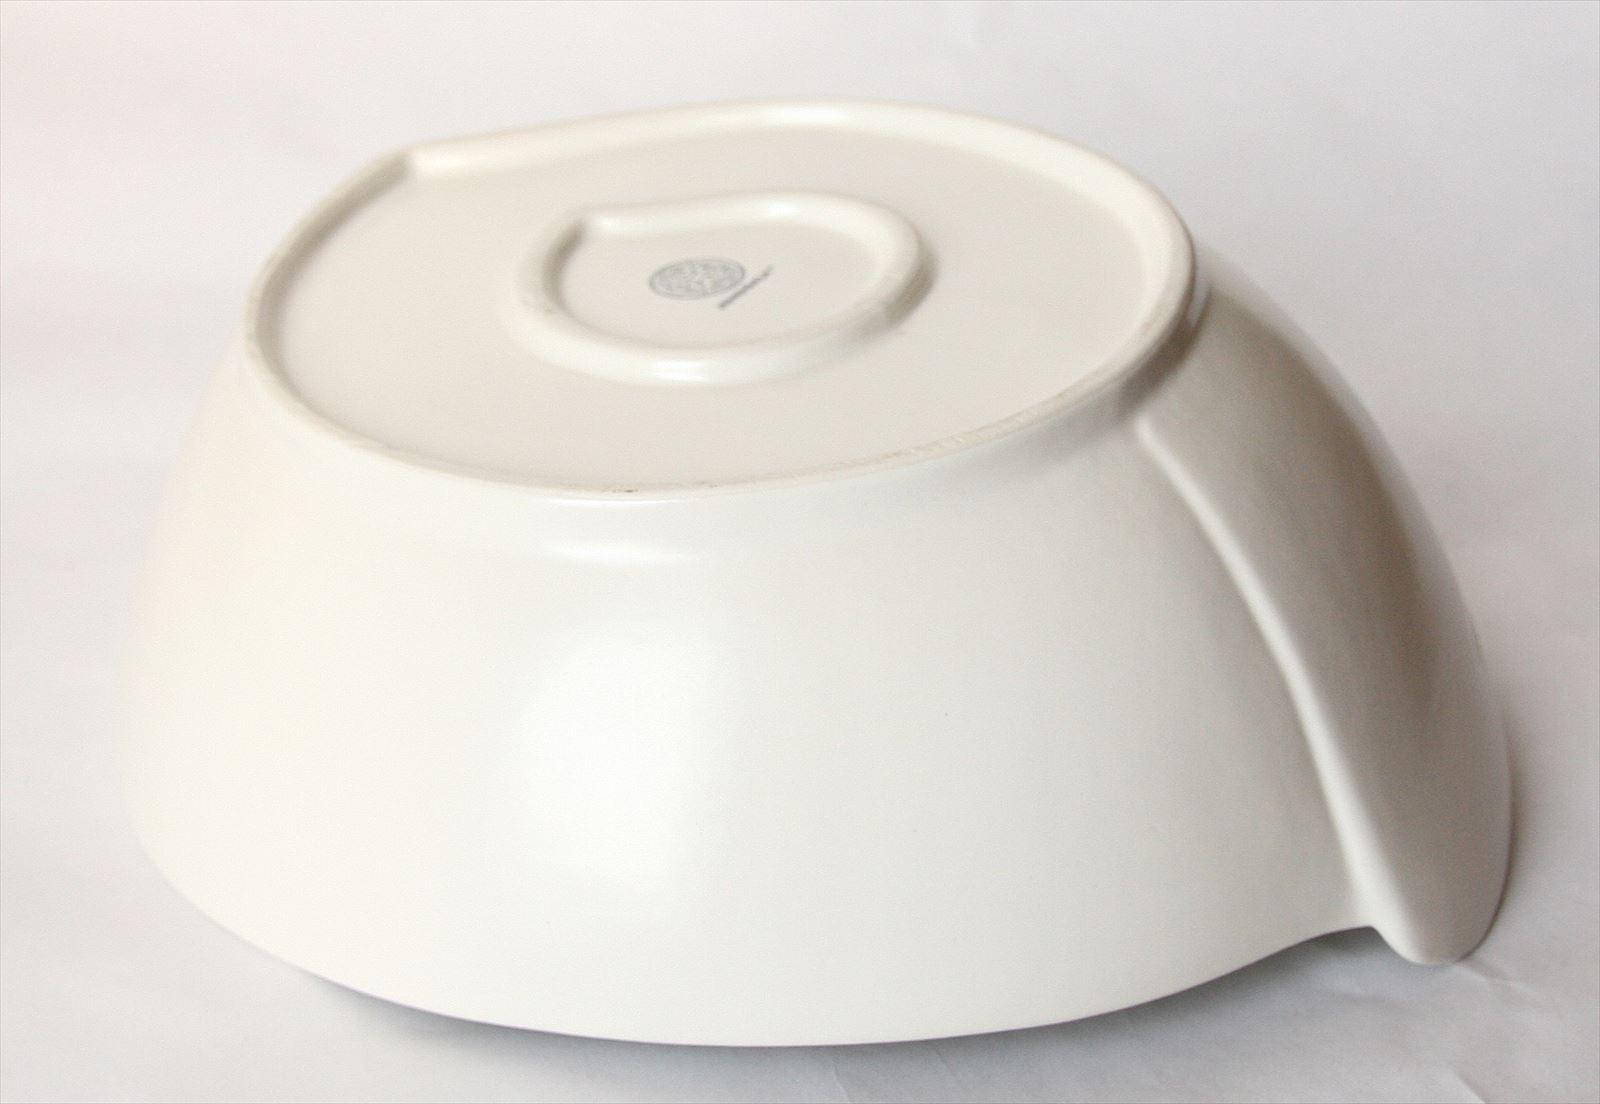 ◆リーフサラダボウル ホワイト◆(アジアン食器・洋食器・卓上テーブルアイテム・バリプレミアム)